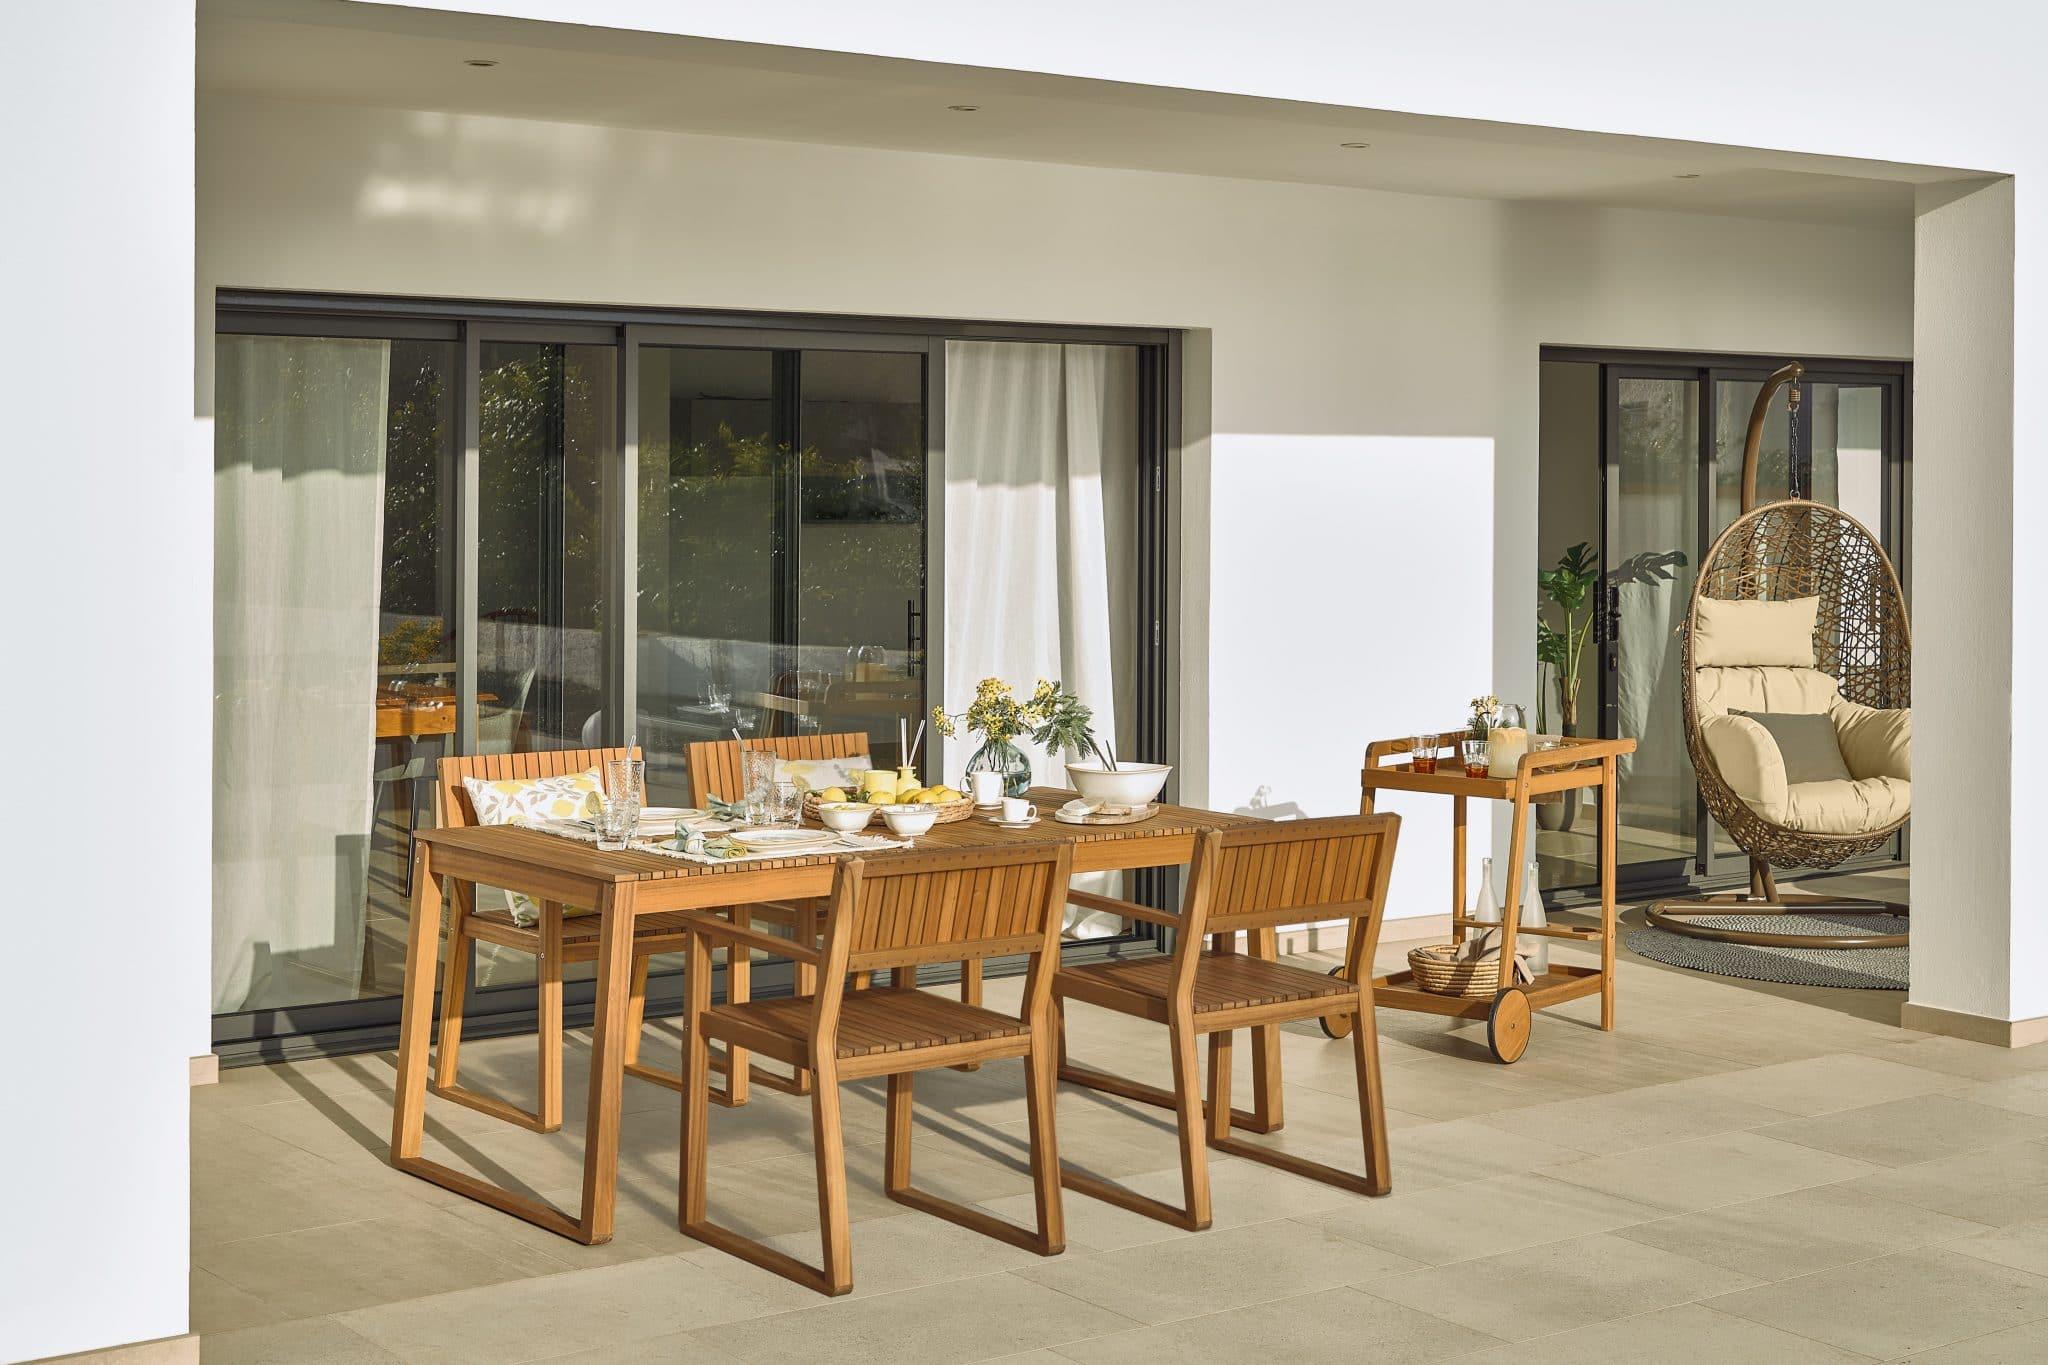 kave home collection better at home maison décoration jardin extérieur terrasses balcon soleil 1